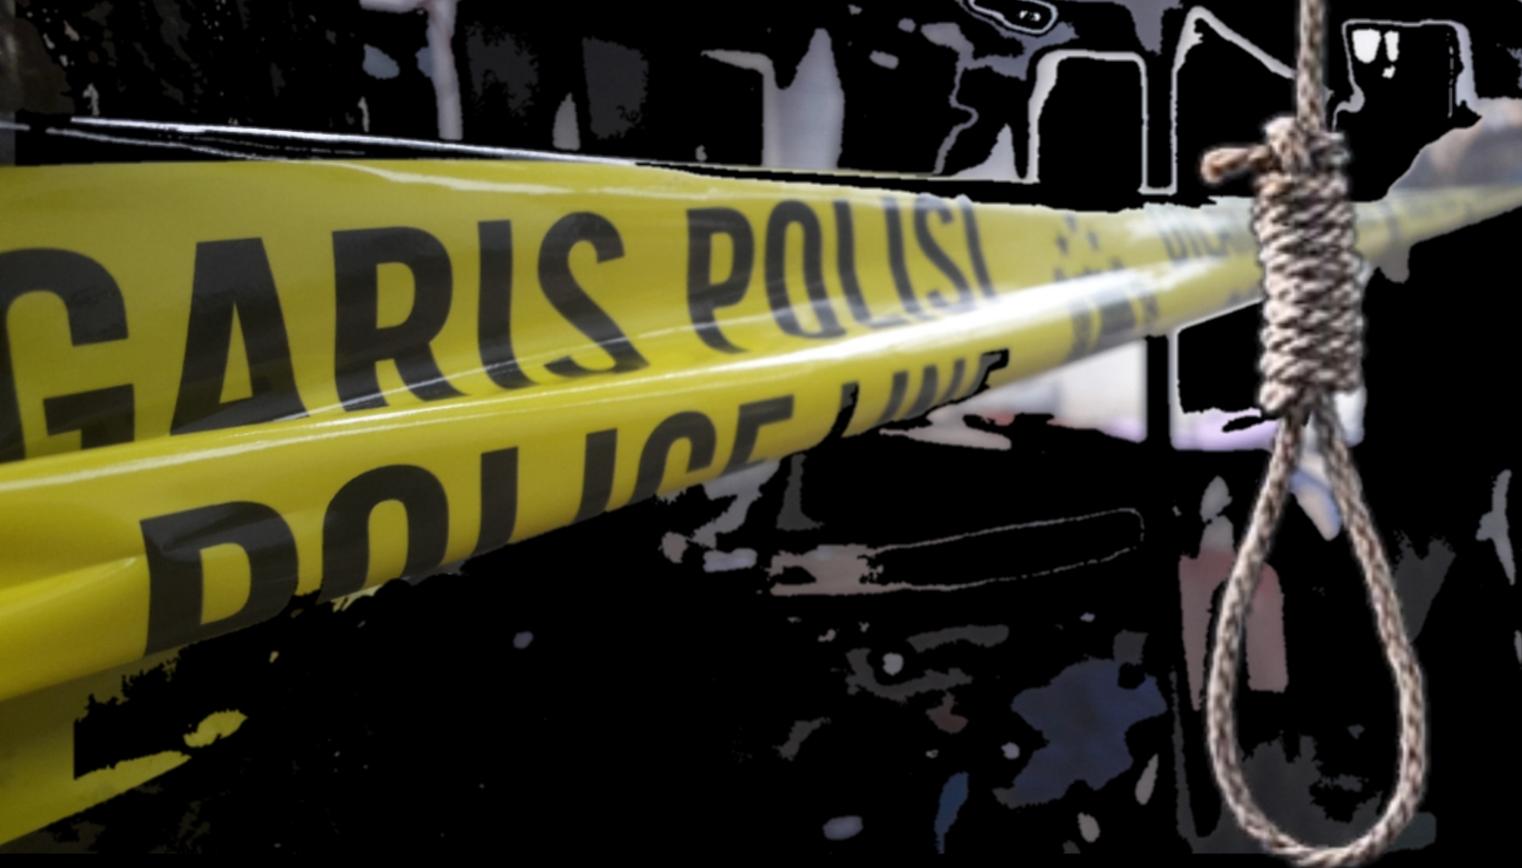 Ilustrasi bunuh diri. Foto: Rakyatsumut.com